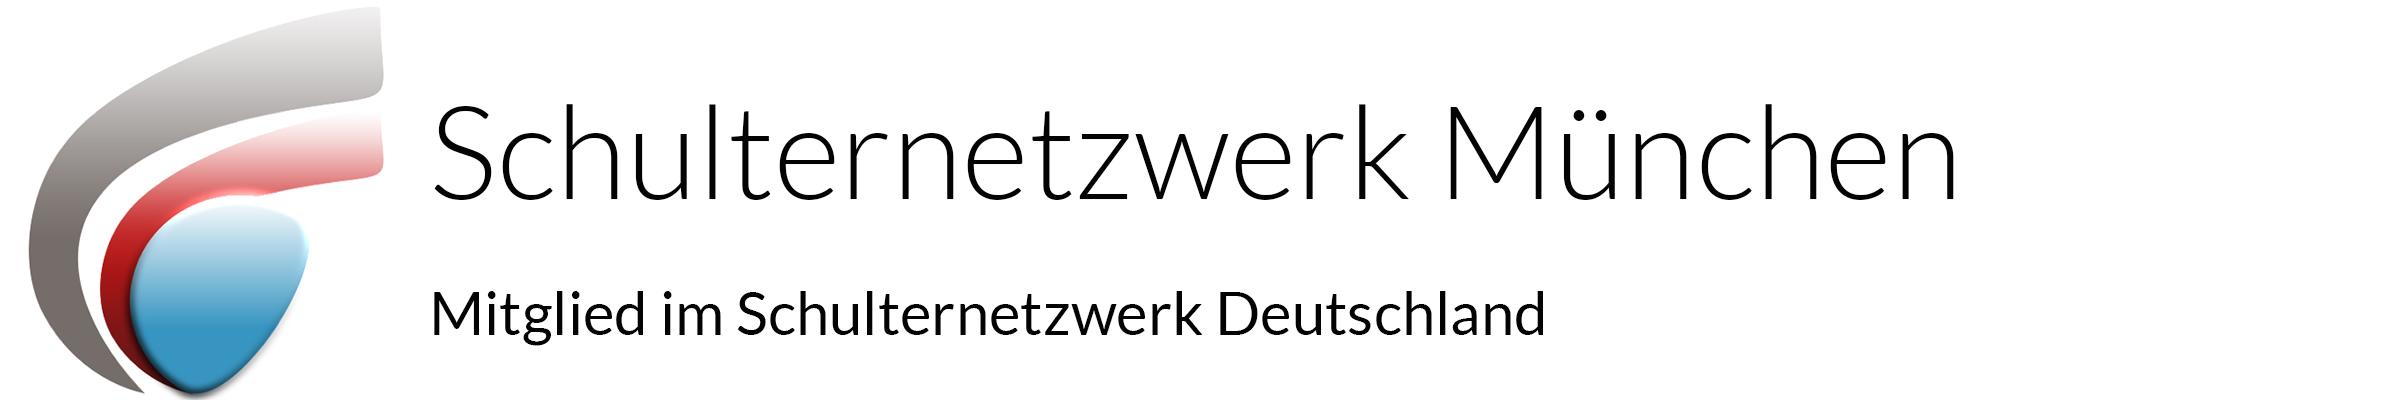 Schulternetzwerk München